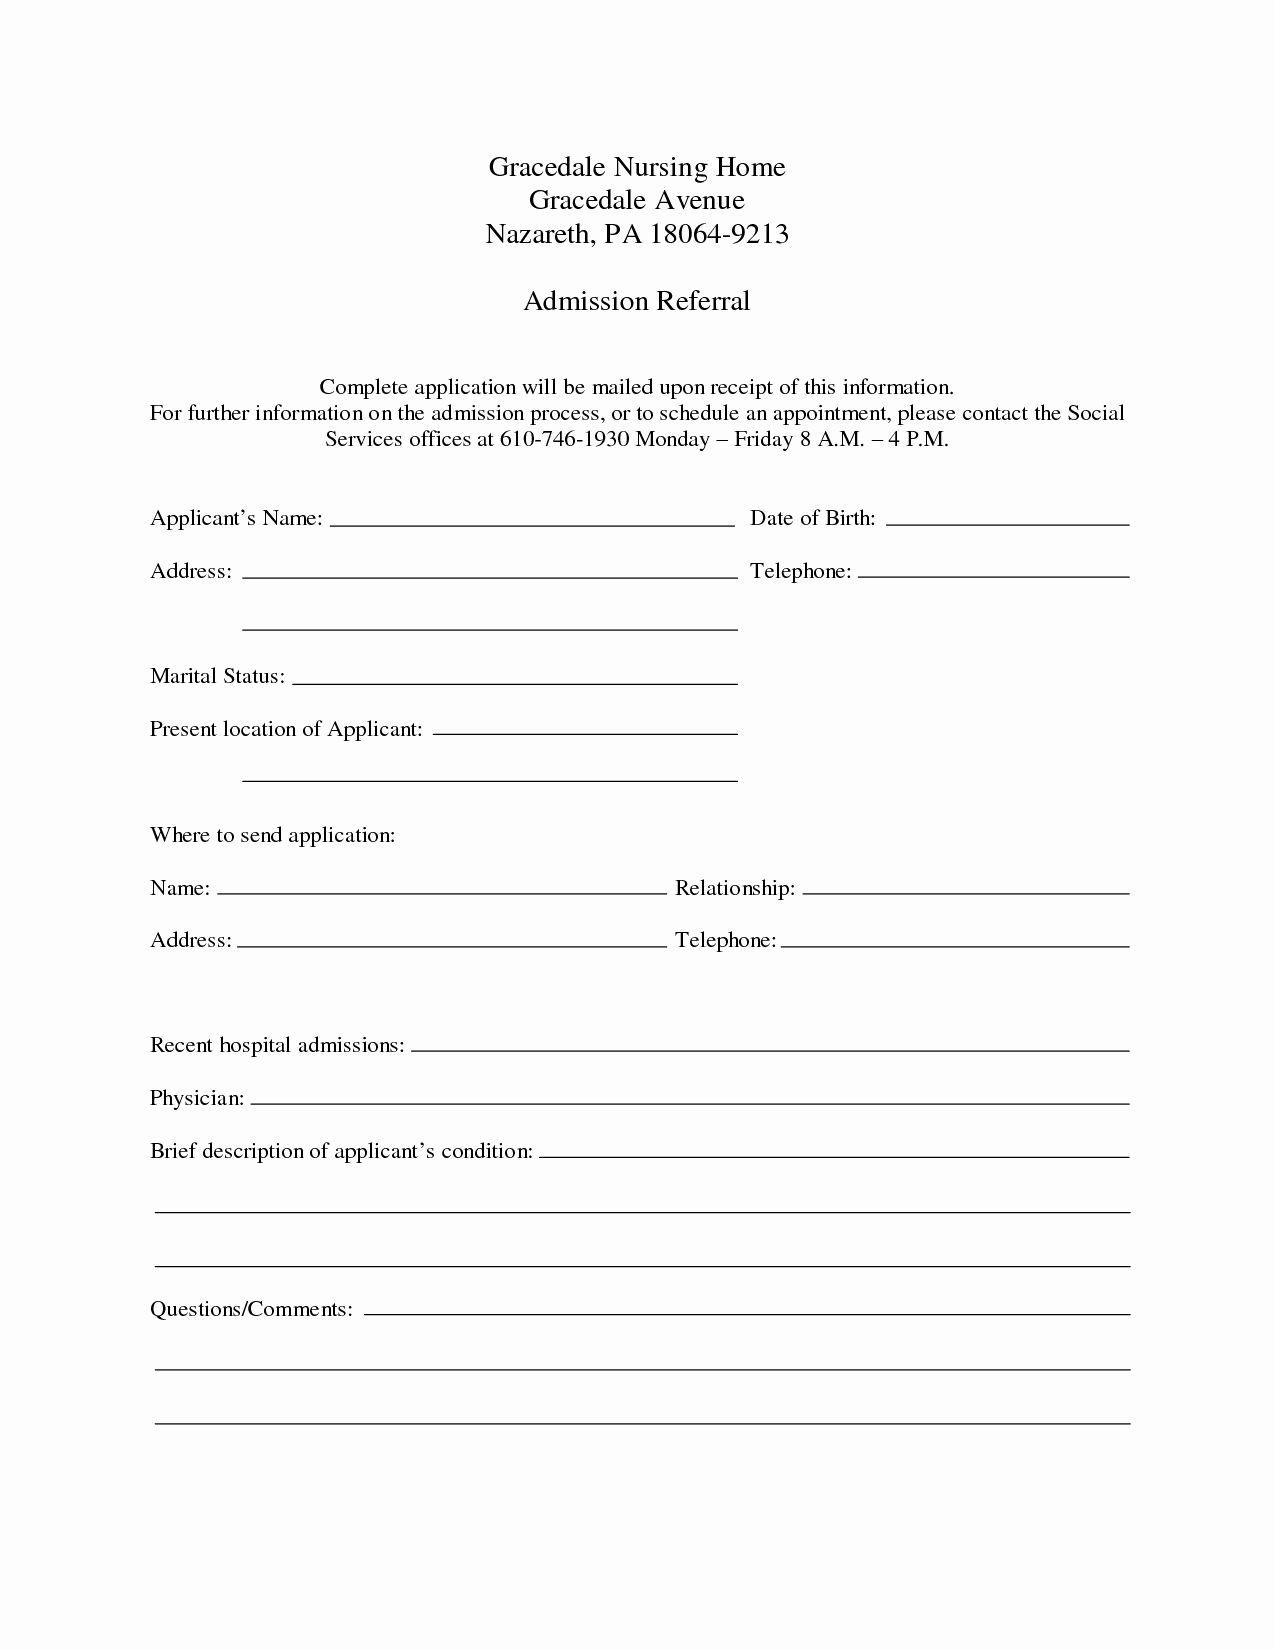 30 Emergency Room form Template in 2020 Emergency room